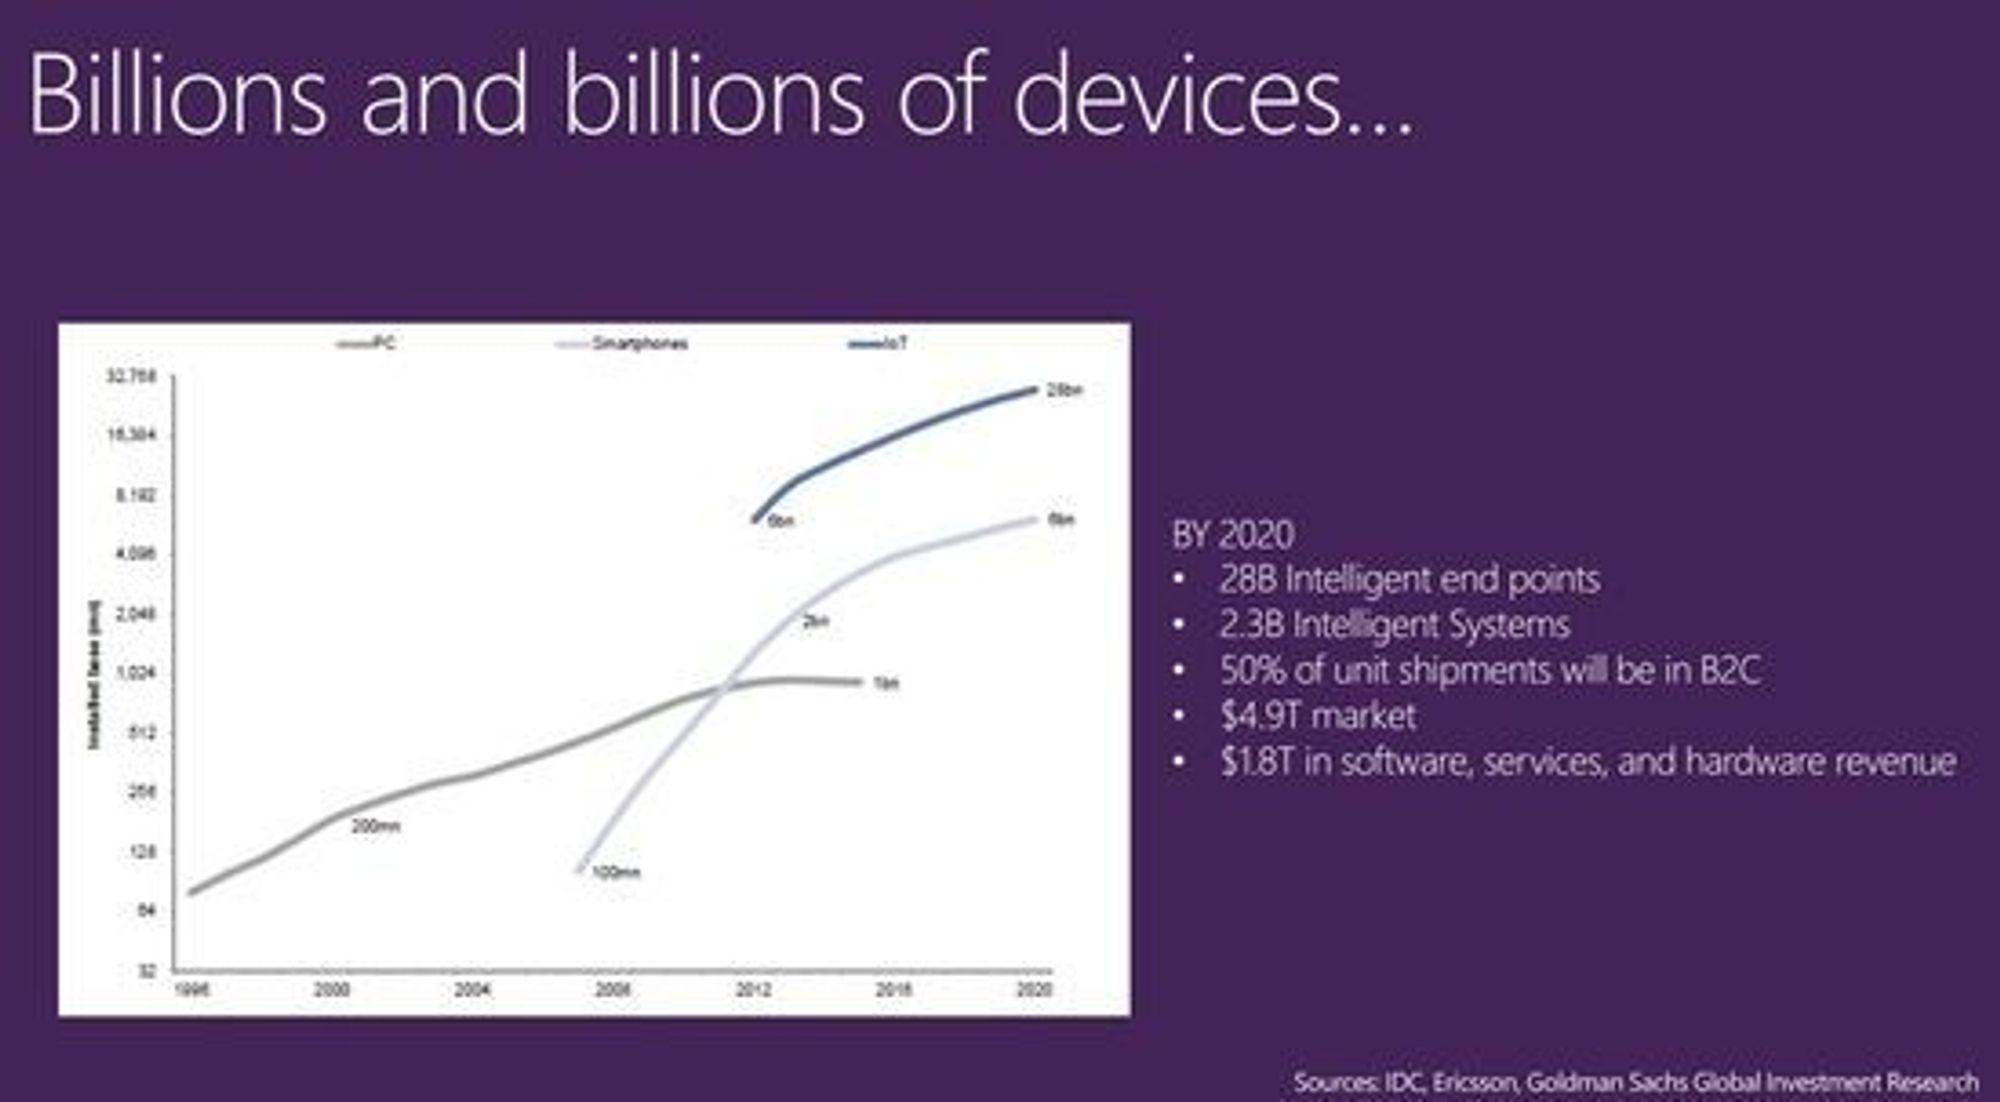 Slik ser Microsoft for seg veksten i enheter.